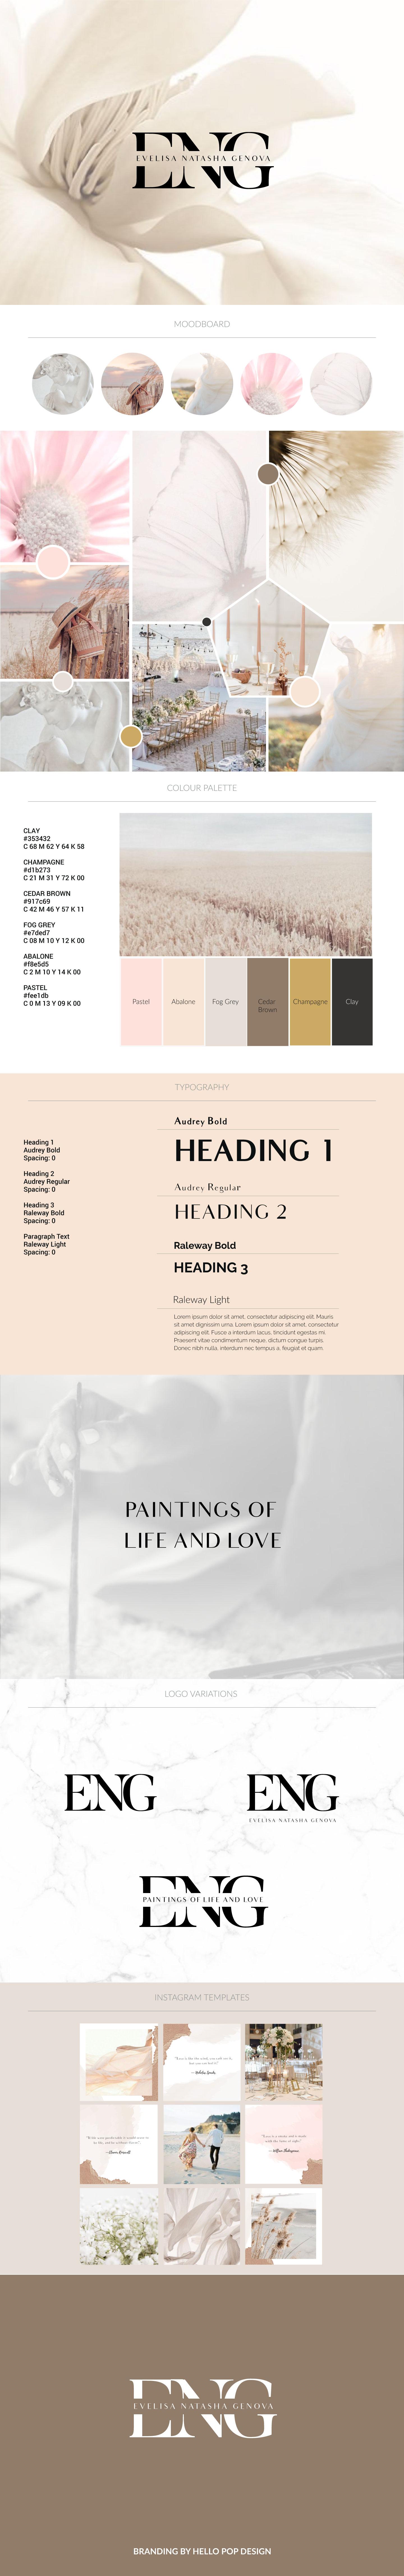 ENG Portfolio 1